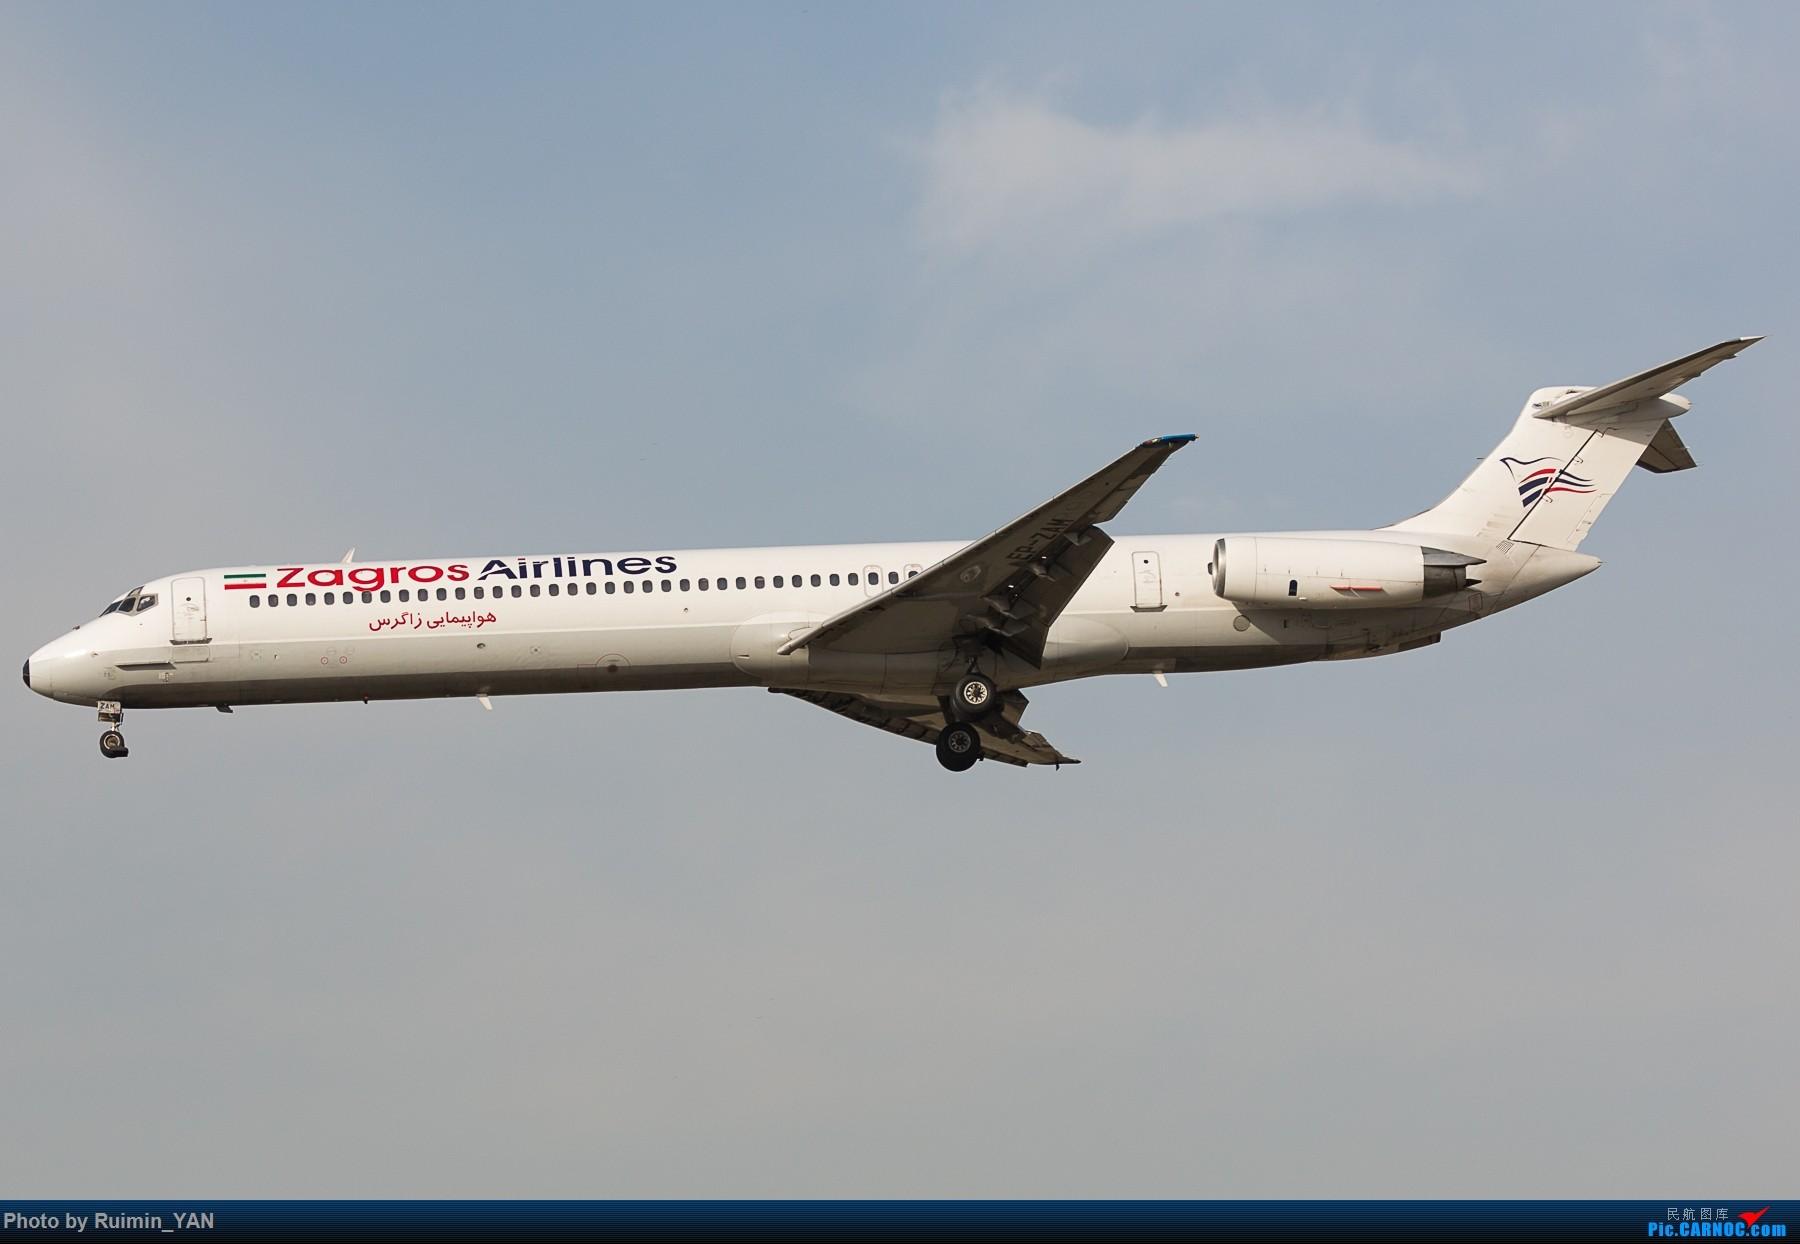 [原创]【THR】(德黑兰梅赫拉巴德机场)伊朗Zagros航空(Zagros Air,IZG)--MD82,MD83 MD MD-80-82 EP-ZAM 伊朗德黑兰机场